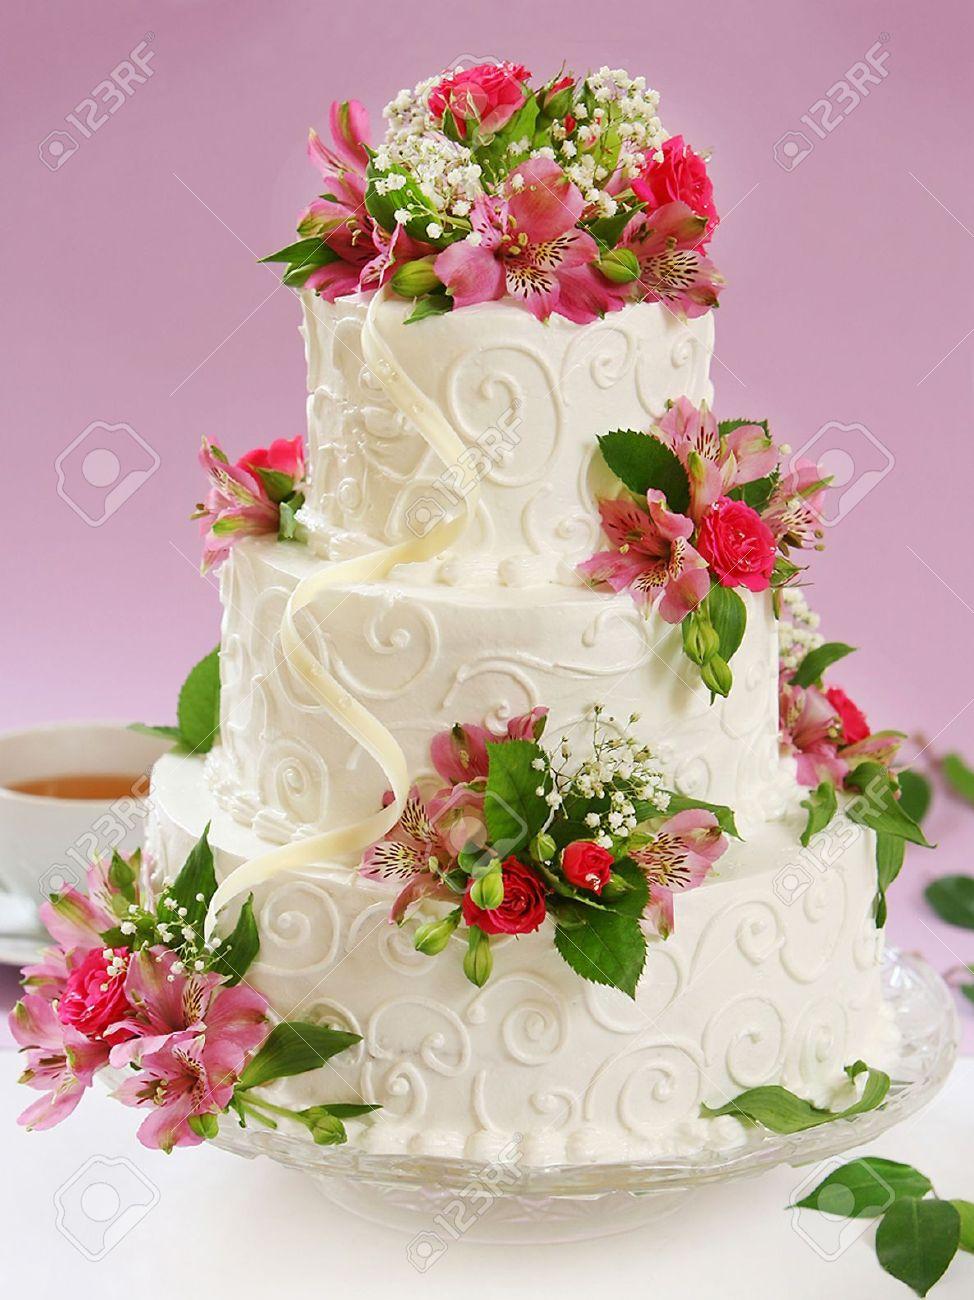 Best Wedding Cake Designs